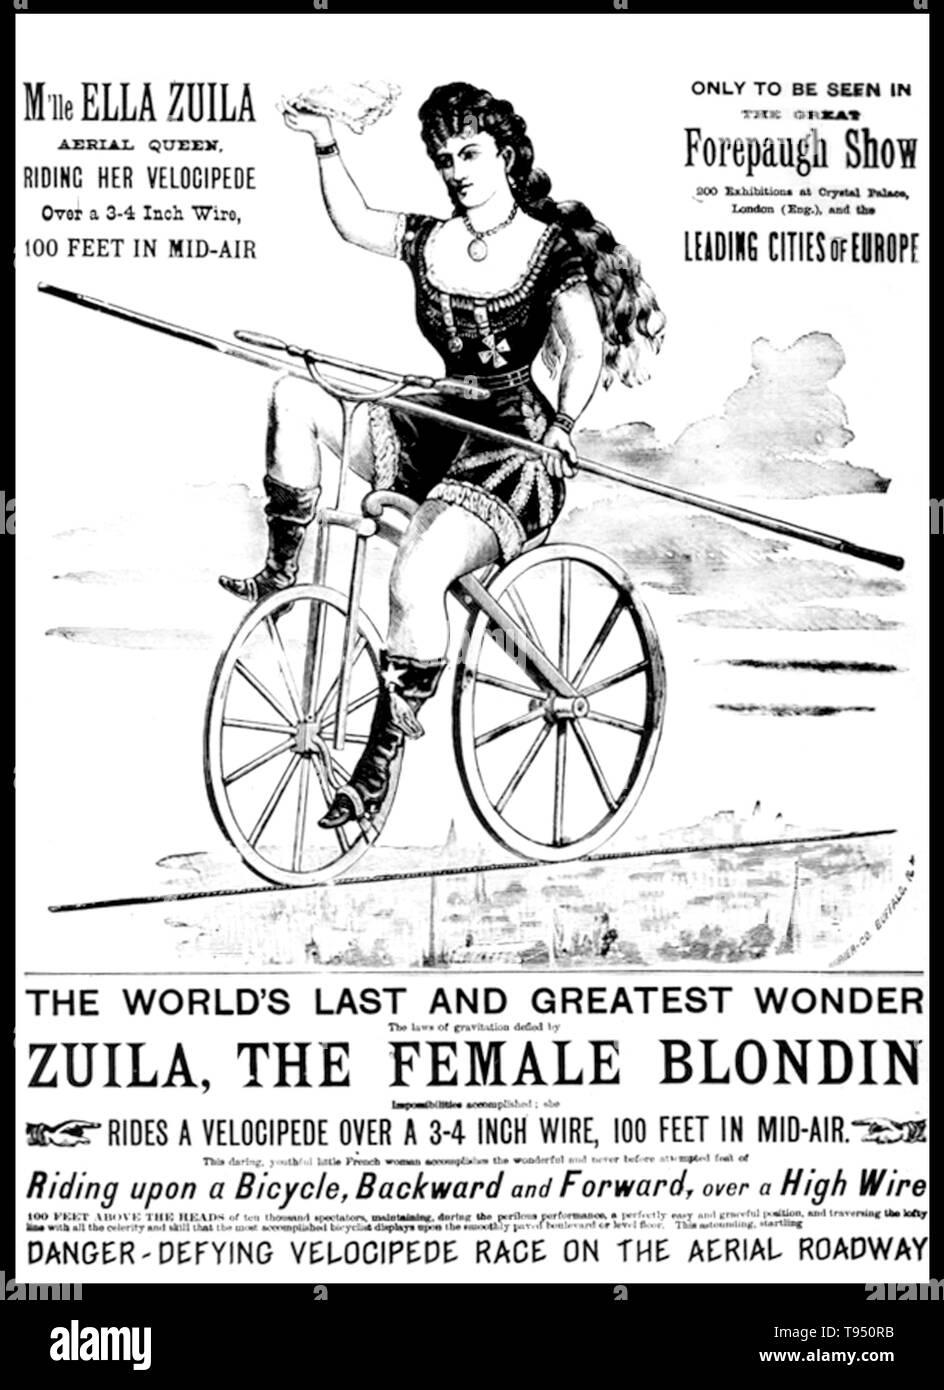 Ella Zuila (morto 1926) era il più famoso australiano intrattenitore pubblico del suo tempo. Ella non aveva proprio a piedi il filo; ella ciclizzato; gommato un bambino su di esso in una carriola; camminava in palafitte e con un corpo completo con gli occhi bendati e, su una memorabile occasione, appeso da esso per le ginocchia per la sua cattura sparato fuori-di-un-cannon marito George reale. La sua carriera è venuto a una tragica fine a Dublino, il 26 agosto 1904, quando lei e il suo triciclo è caduto il filo alto nella Sala Rotonda del Rotunda. Non vi era alcuna rete di sicurezza e lei era troppo gravemente ferite mai ad eseguire di nuovo. Morì nel 1926. Foto Stock